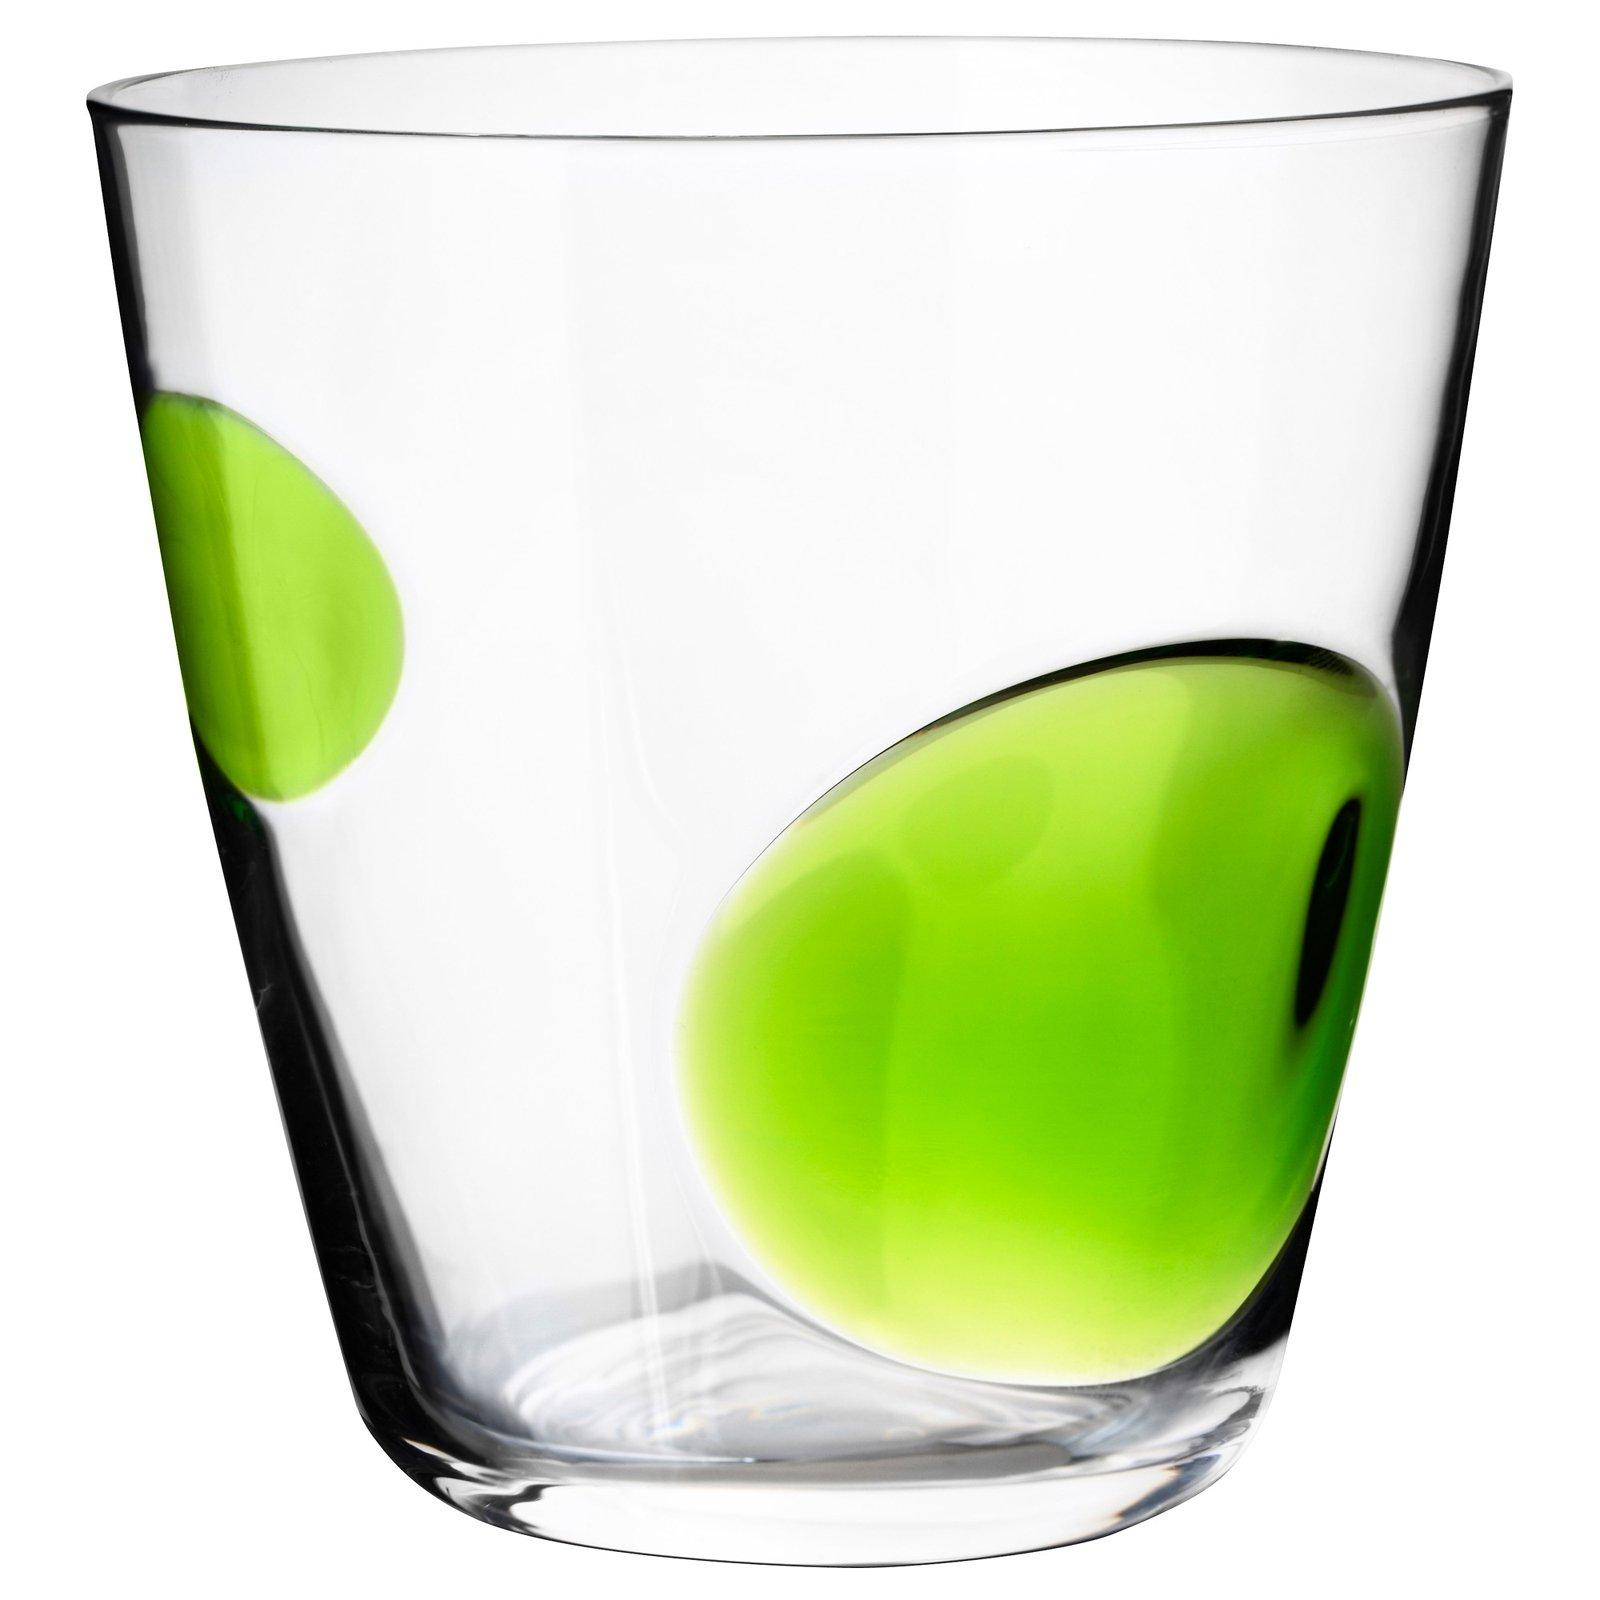 Oggettistica il verde in tavola cose di casa - Ikea oggettistica ...